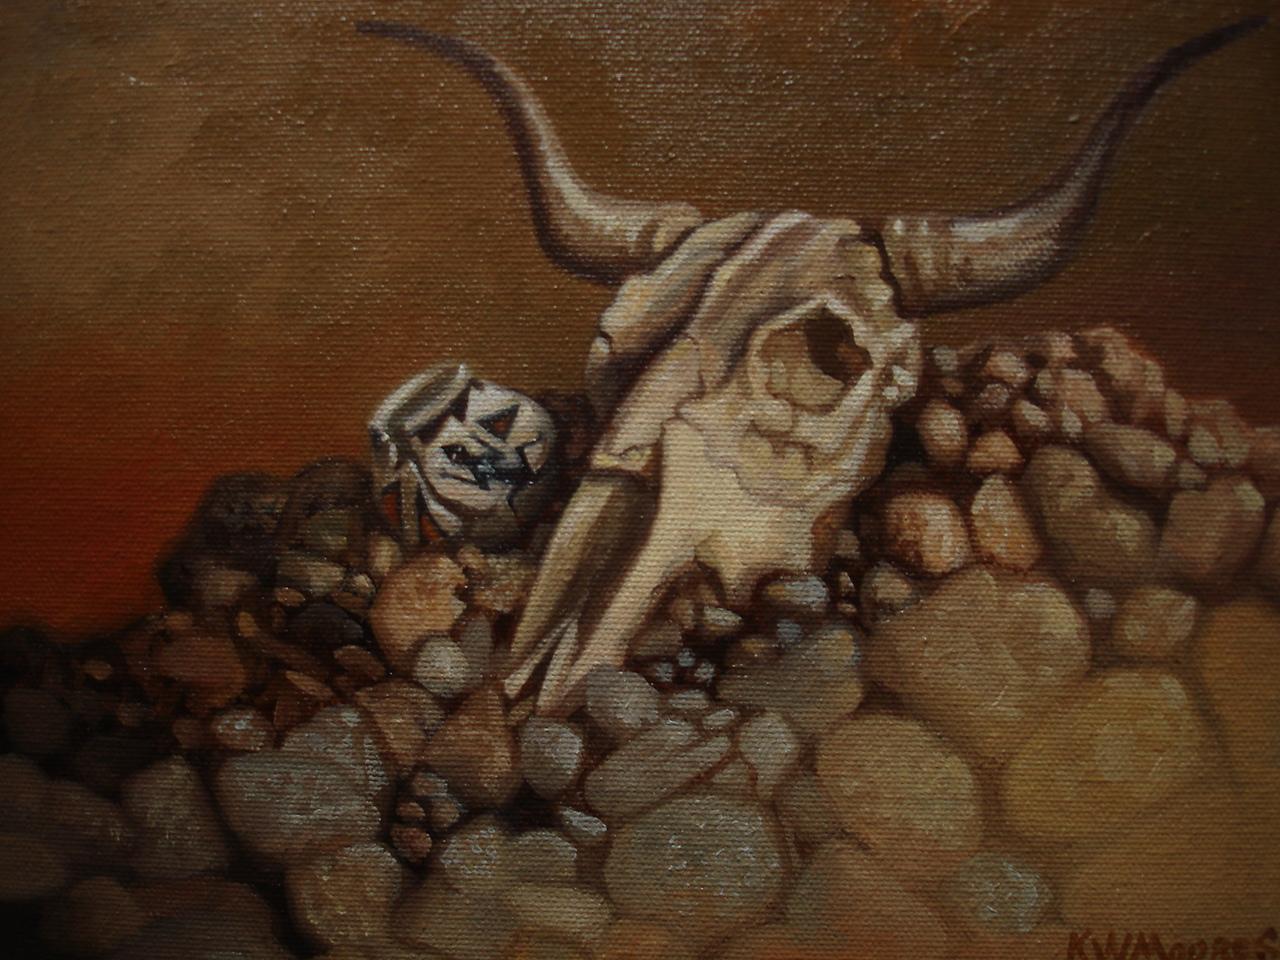 Desert_Stones[1]